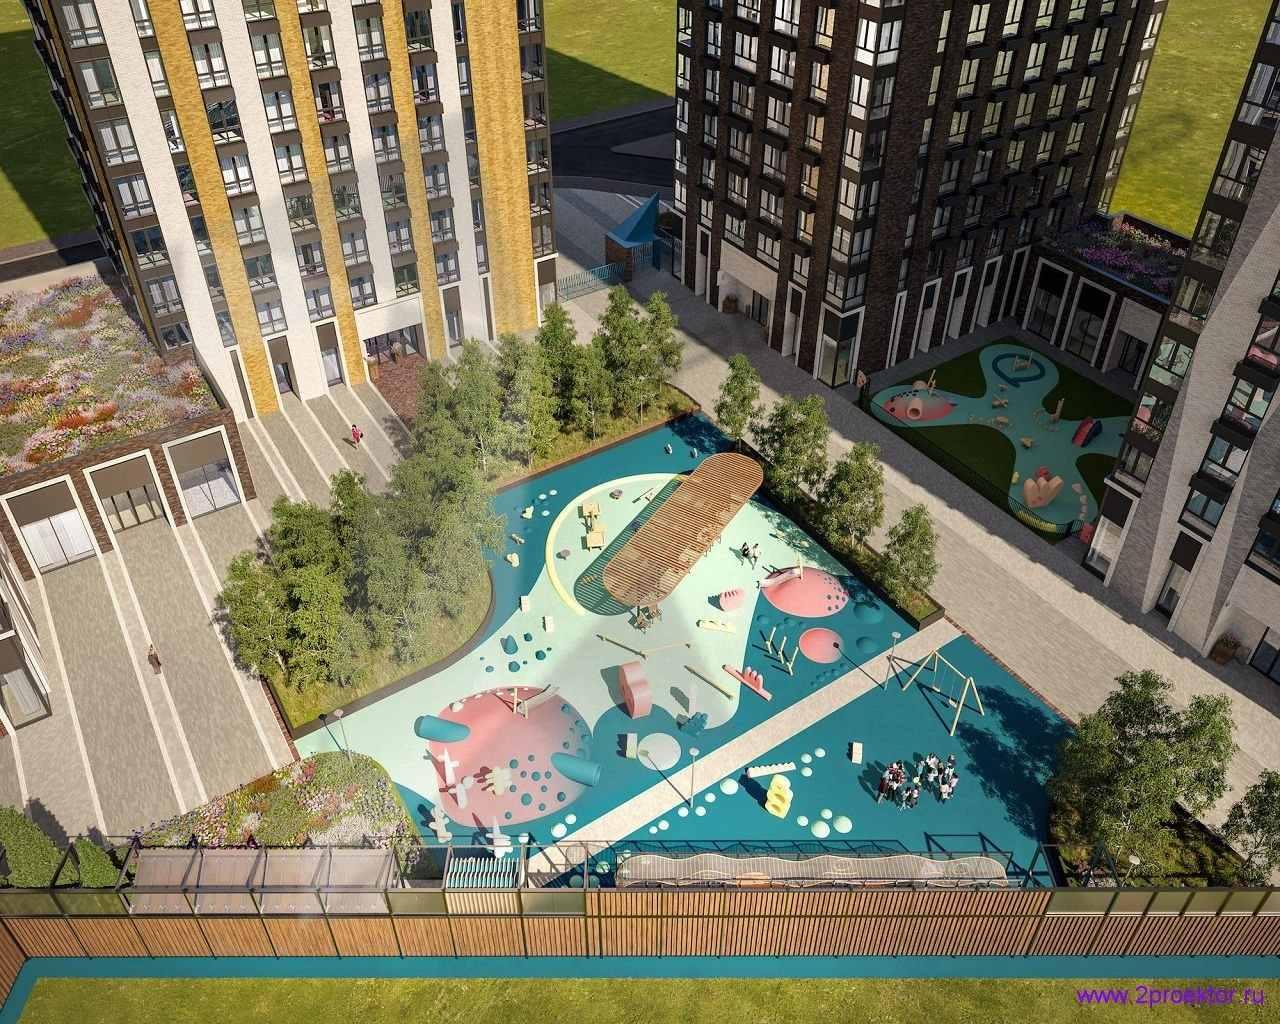 Детская площадка в Жилом комплексе Метрополия вид сверху.